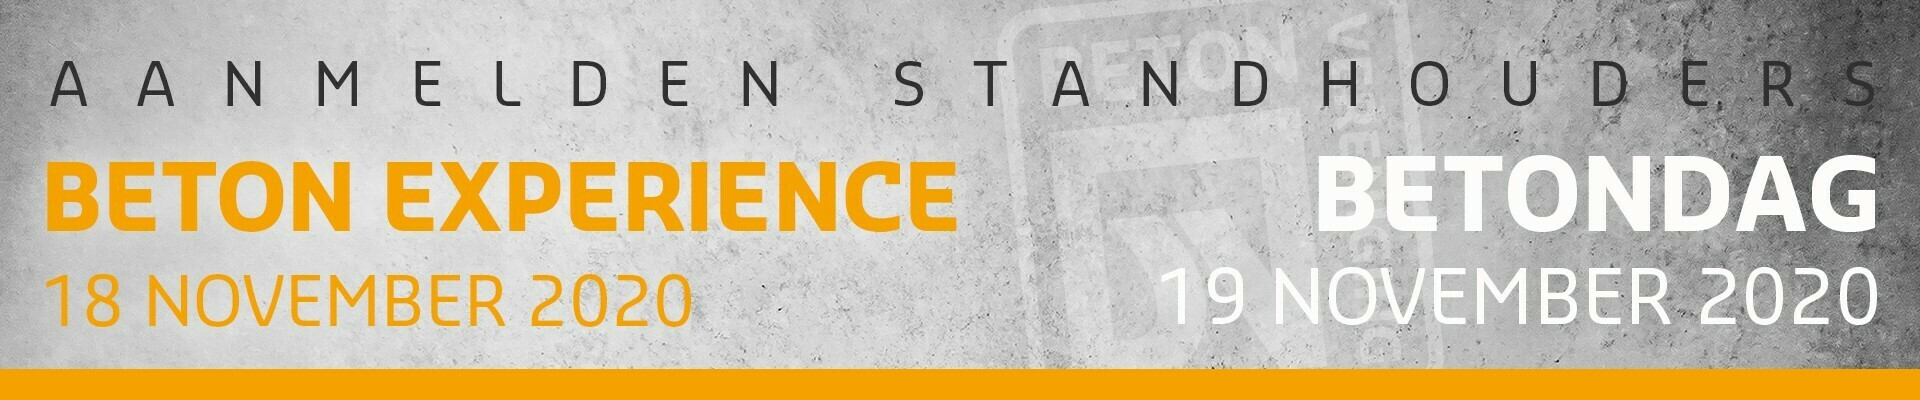 Standhouders Beton Experience & Betondag 2020